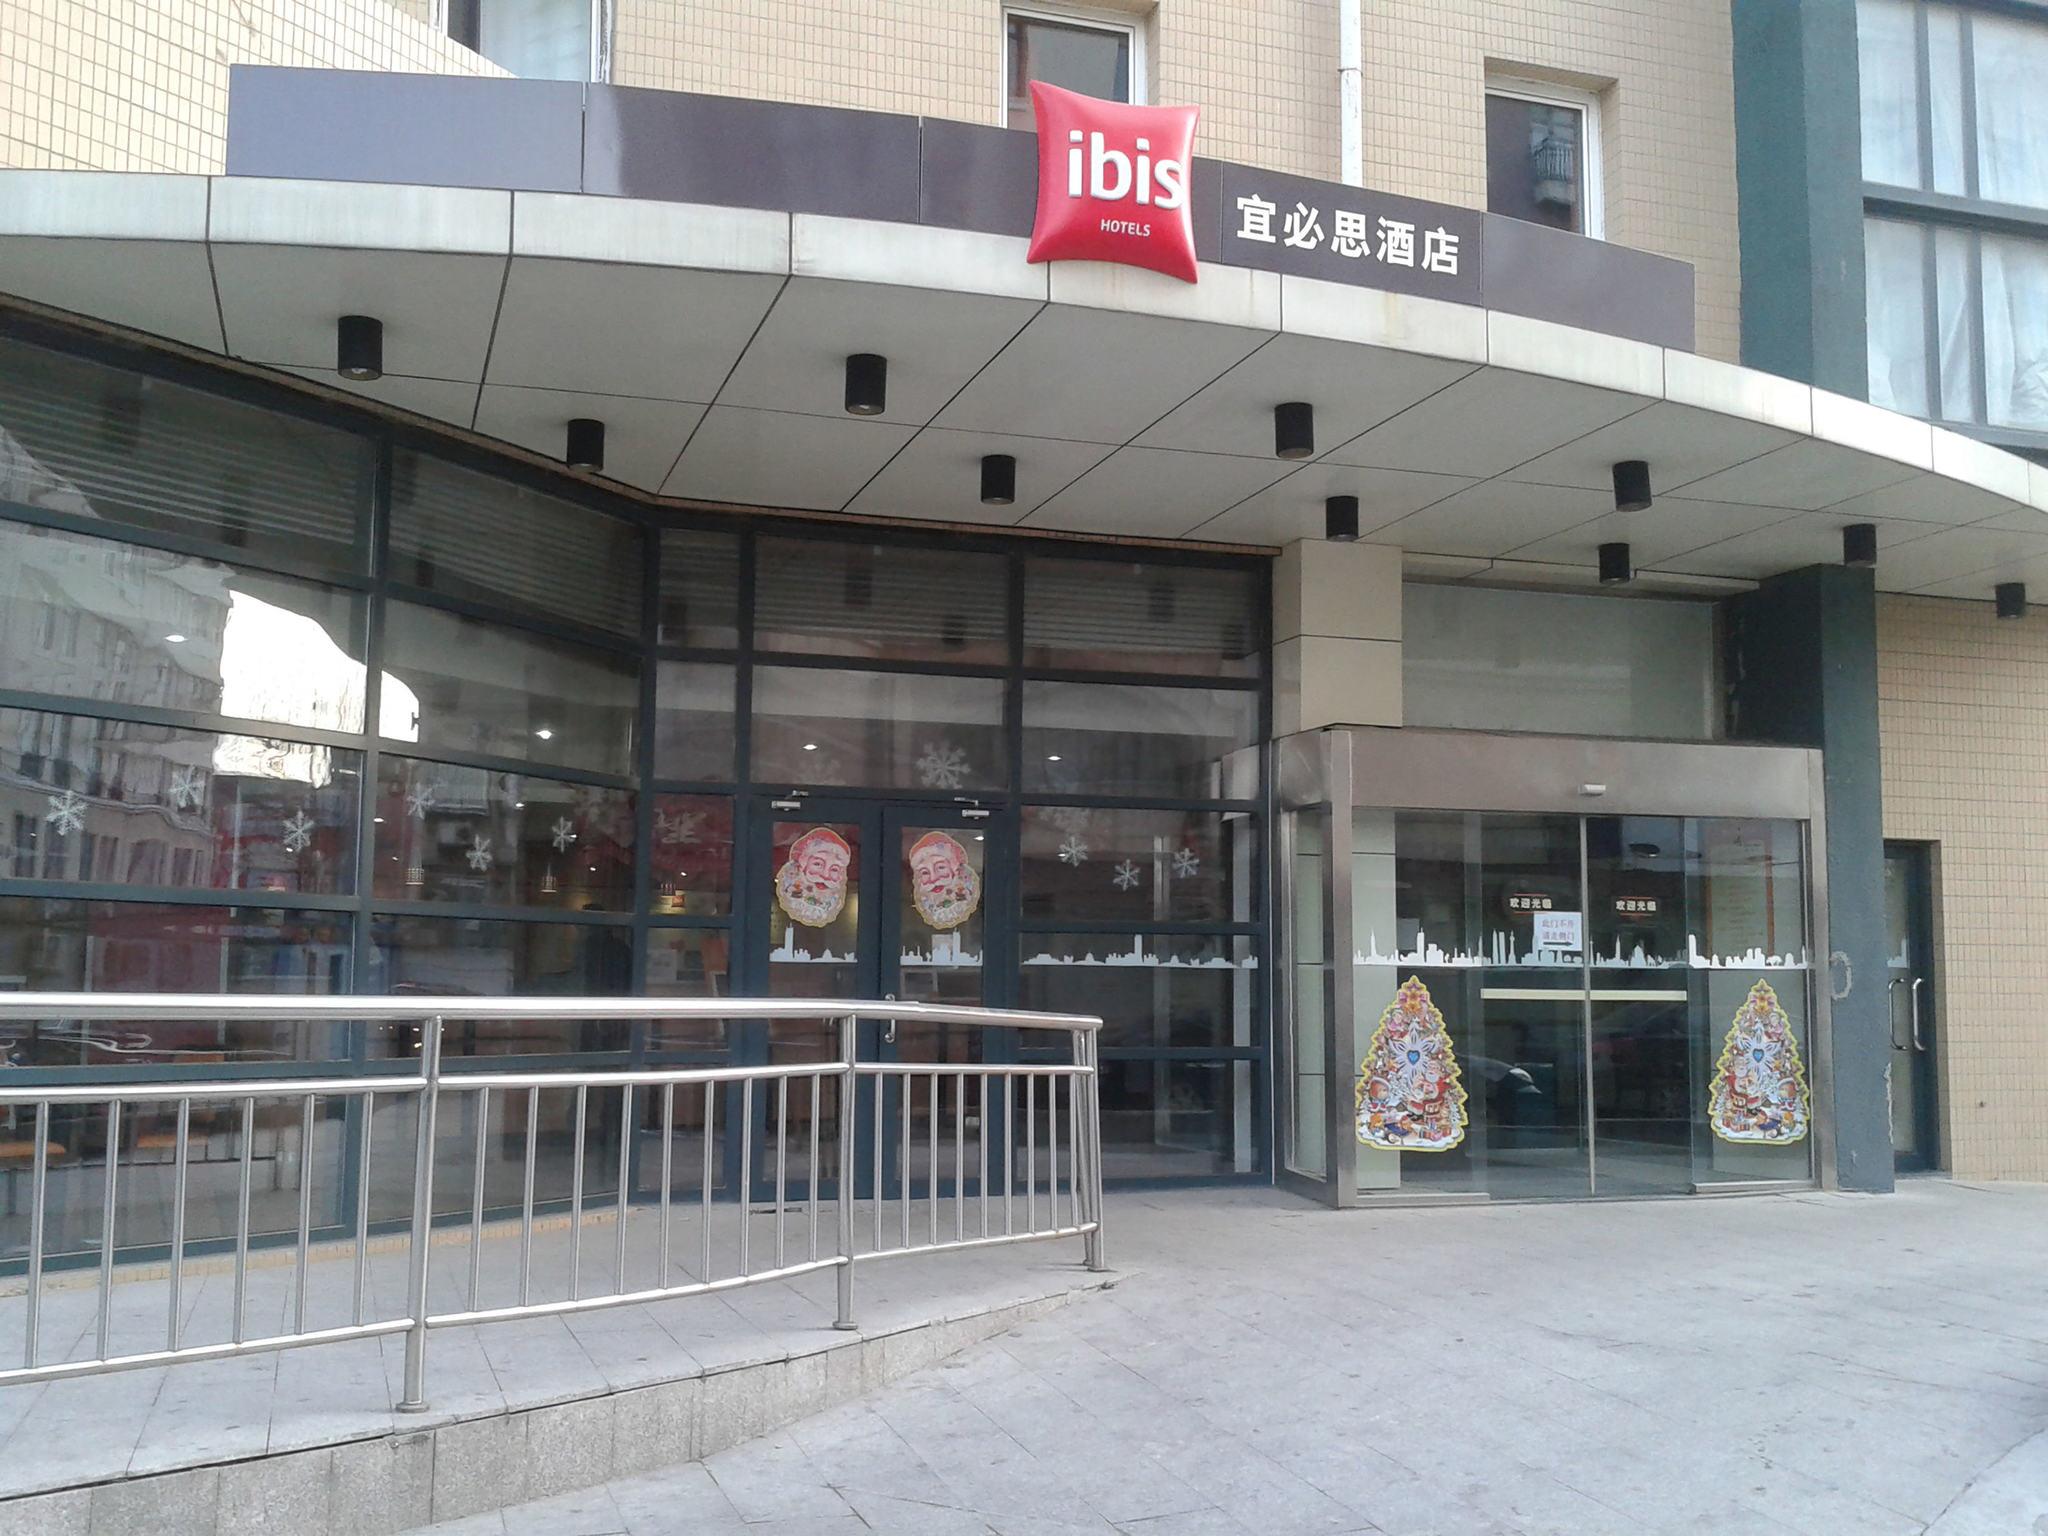 ホテル – イビス天津塘沽